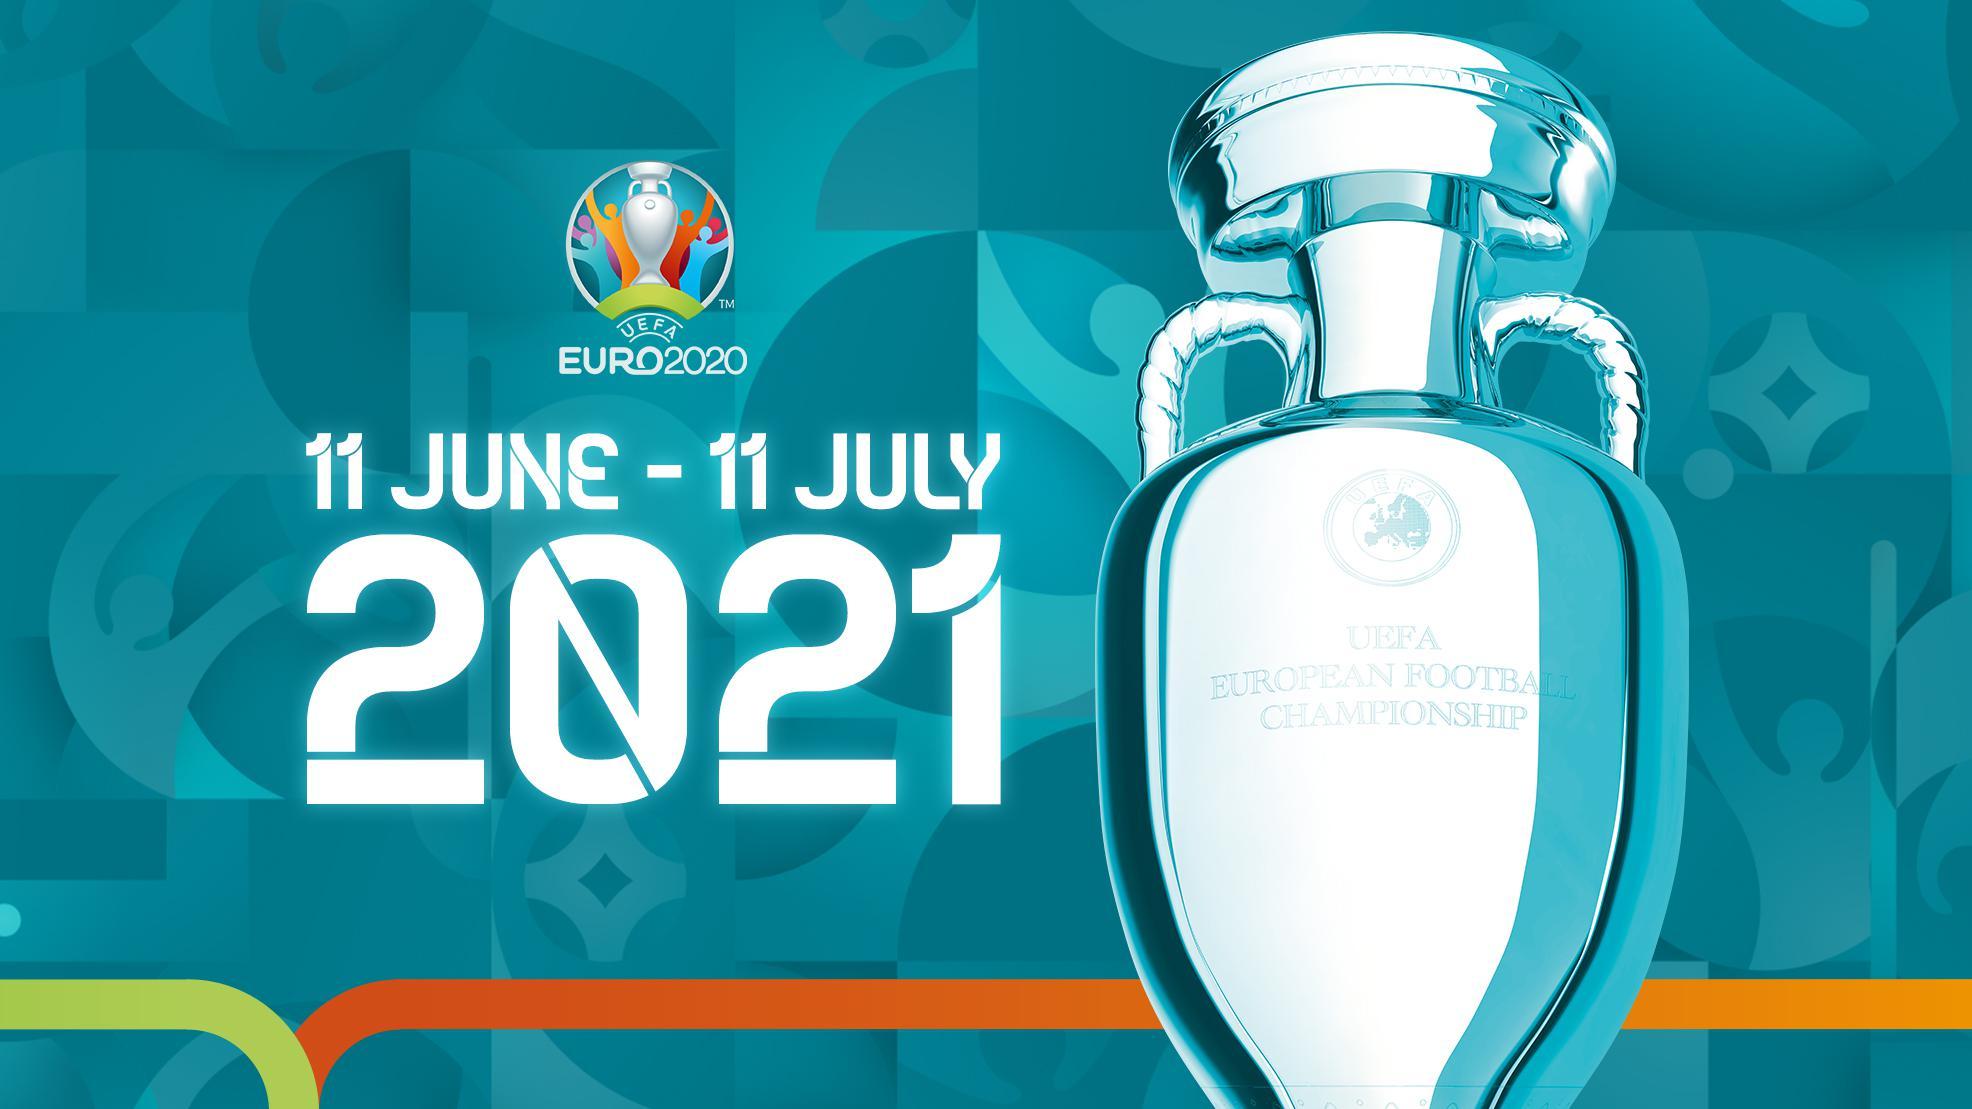 یورو کپ :11 جون کو پہلا میچ ترکی اور اٹلی کے بیچ ،فائنل لندن میں